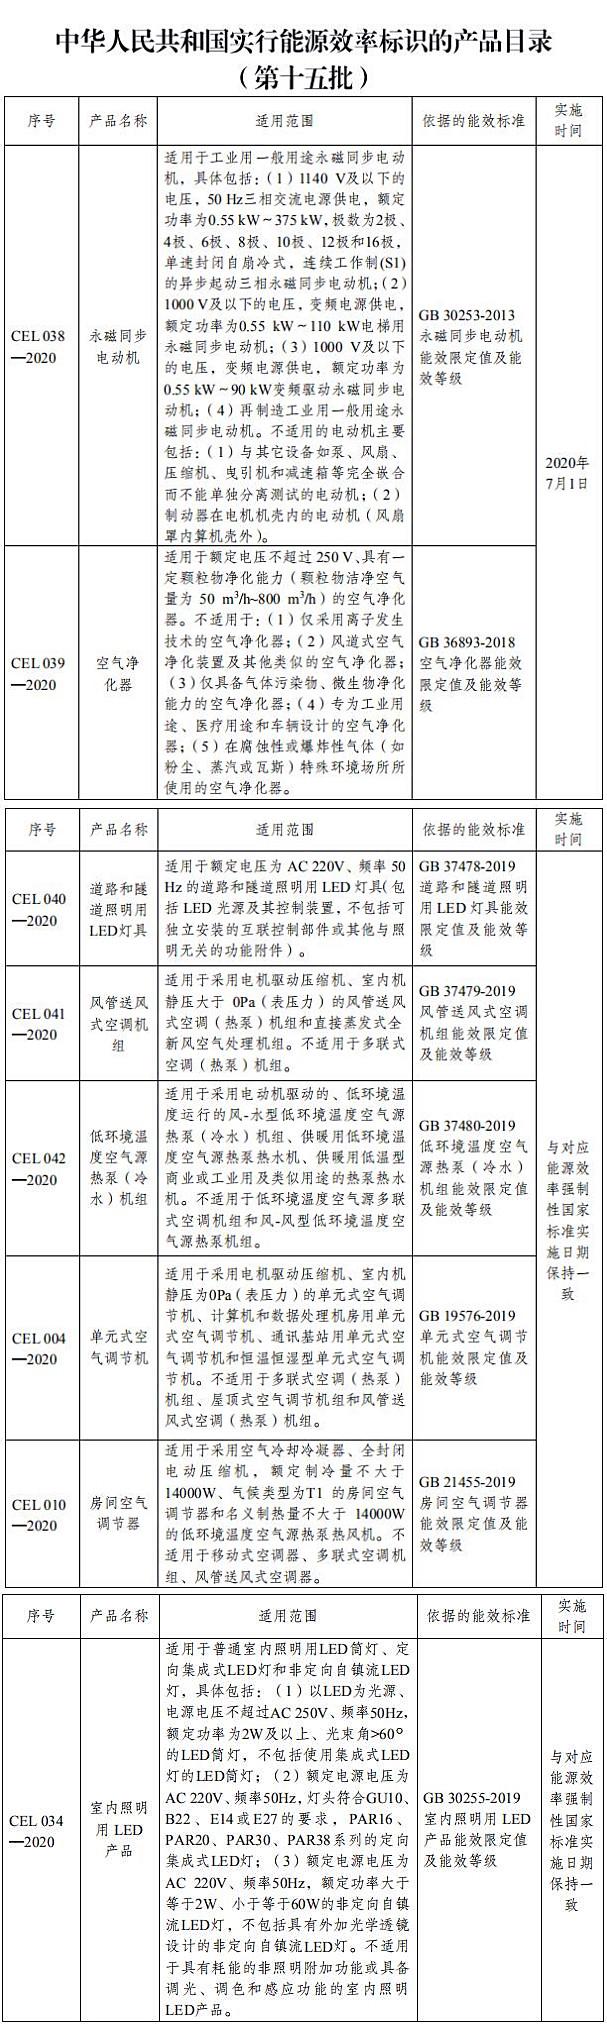 国家发改委发布能源效率标识的产品目录和实施规则的通知